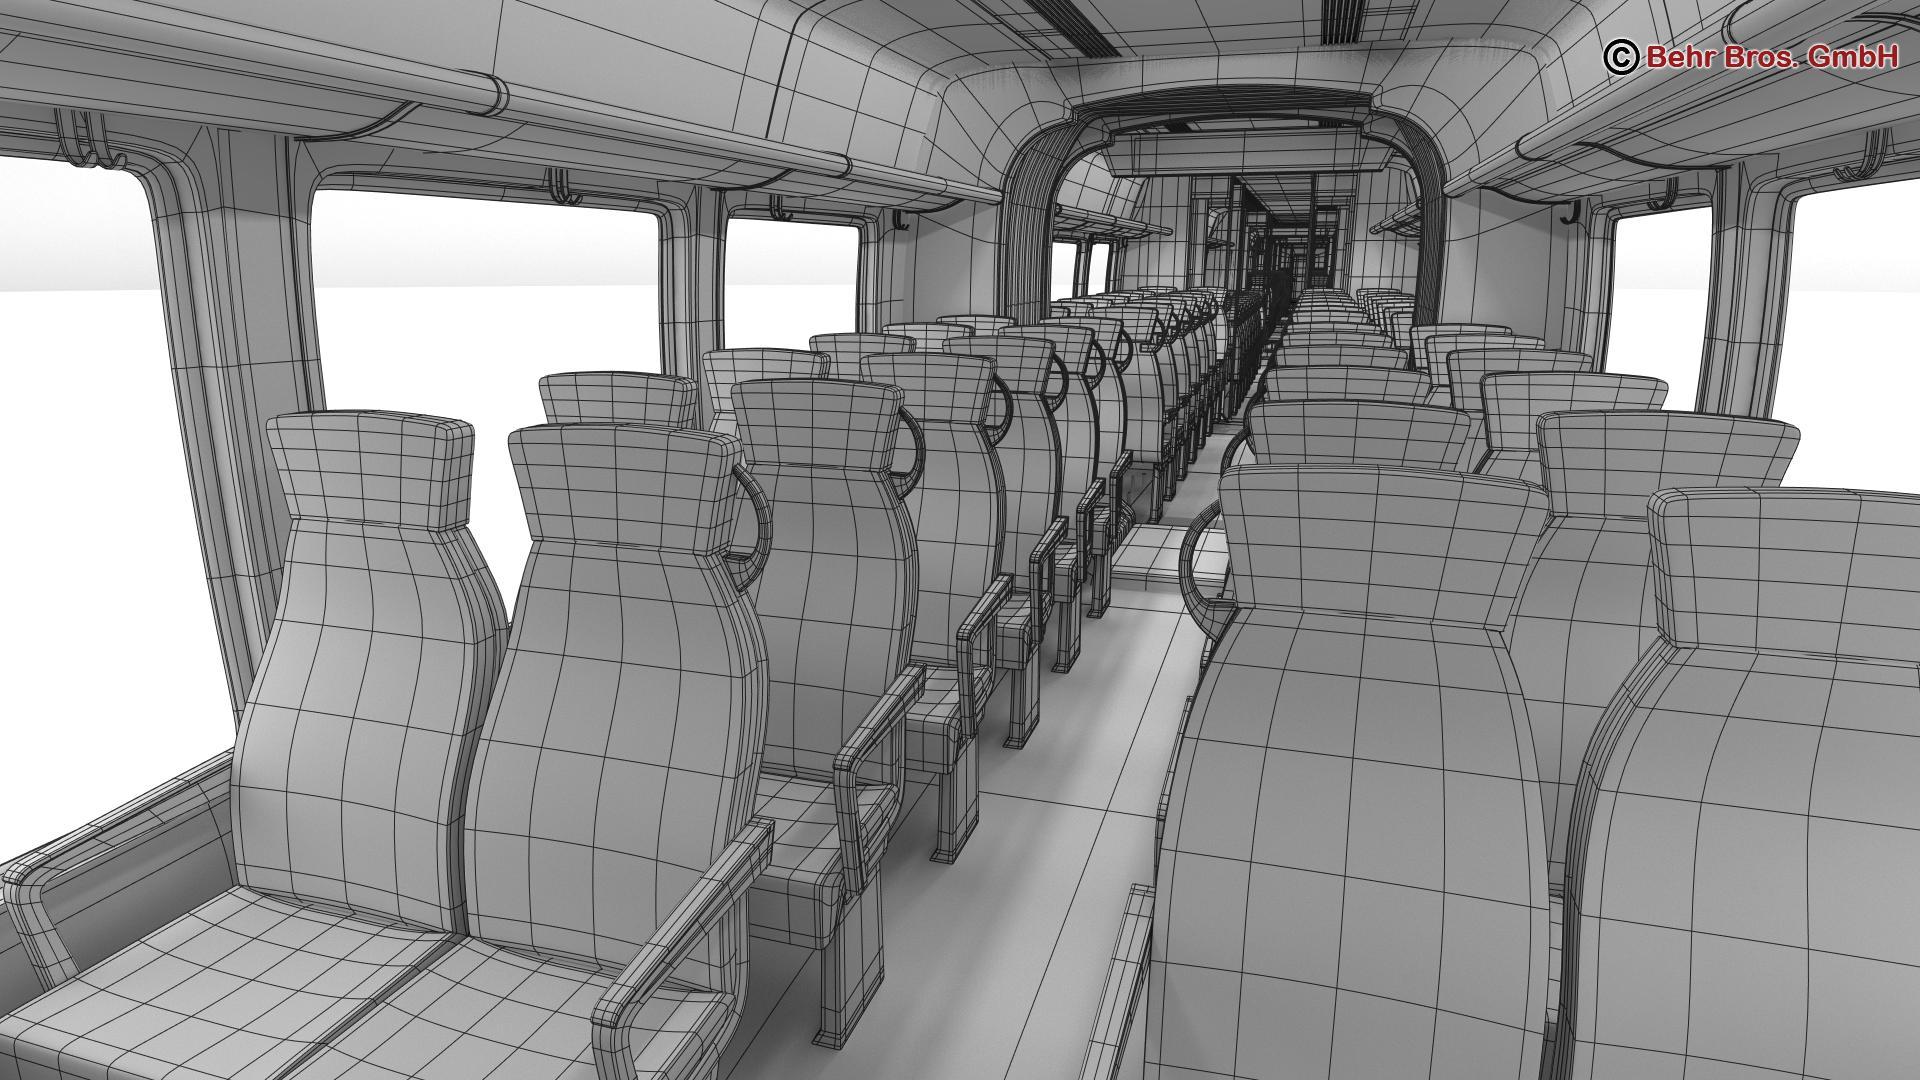 generic commuter train 3d model 3ds max fbx c4d ma mb obj 206650